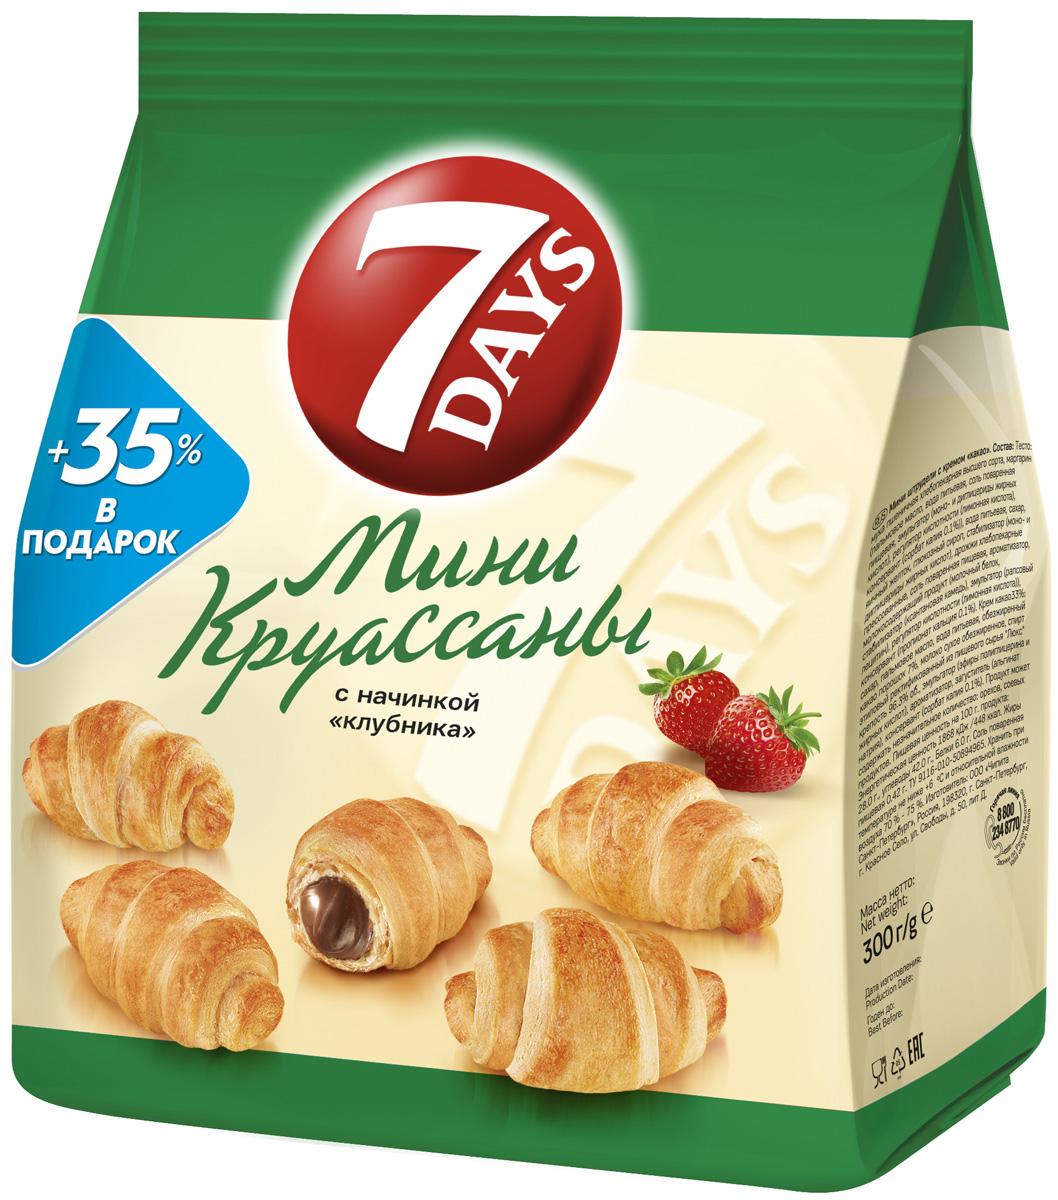 7DAYS Мини-круассаны с начинкой Клубника, 300 г0120710Круассаны 7DAYS - готовая к употреблению выпечка из нежного теста с восхитительными кремовыми и джемовыми начинками.Мини-круассаны - это много маленьких вкусных круассанов в одной упаковке. Прекрасно сочетаются с чаем и кофе, идеально подходят для того, чтобы разделить их с близкими. Превосходный выбор снэка для потребления дома и на ходу.